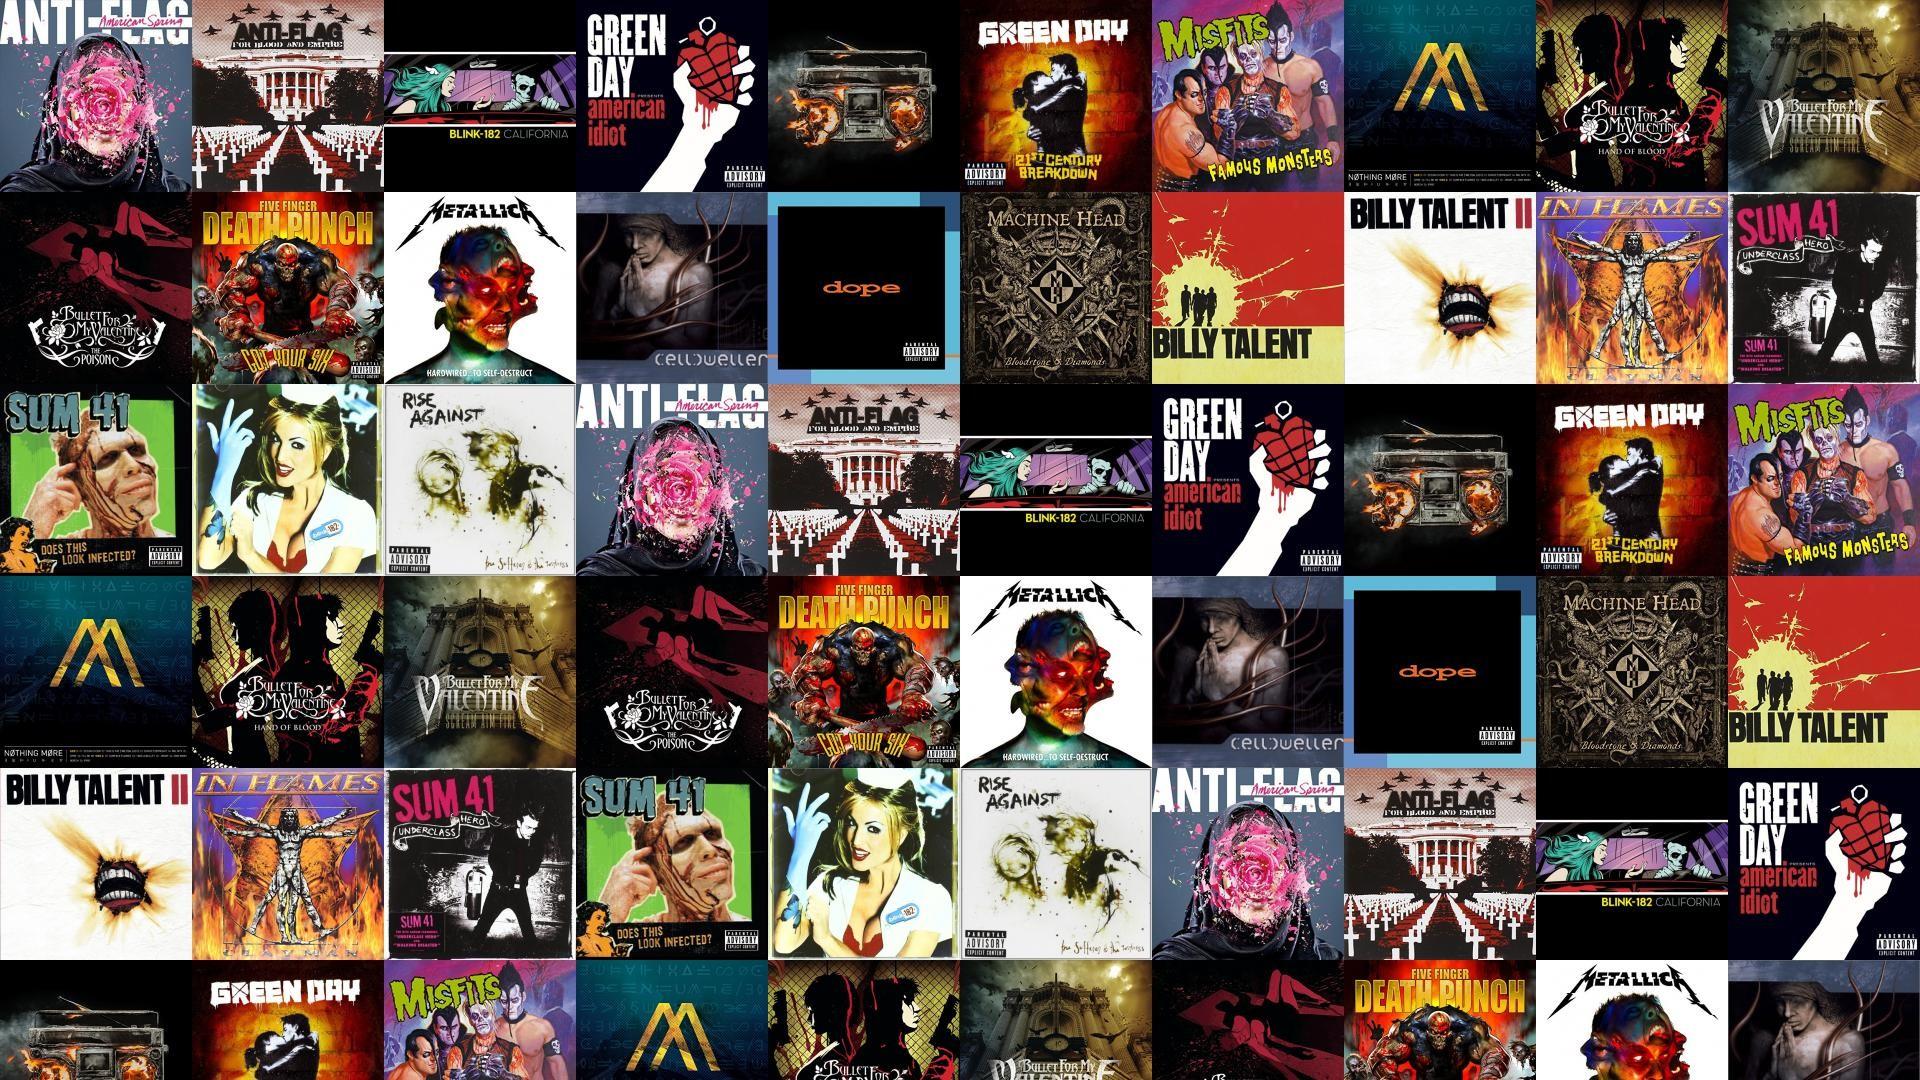 Anti-Flag For Blood Empire Blink 182 California Wallpaper